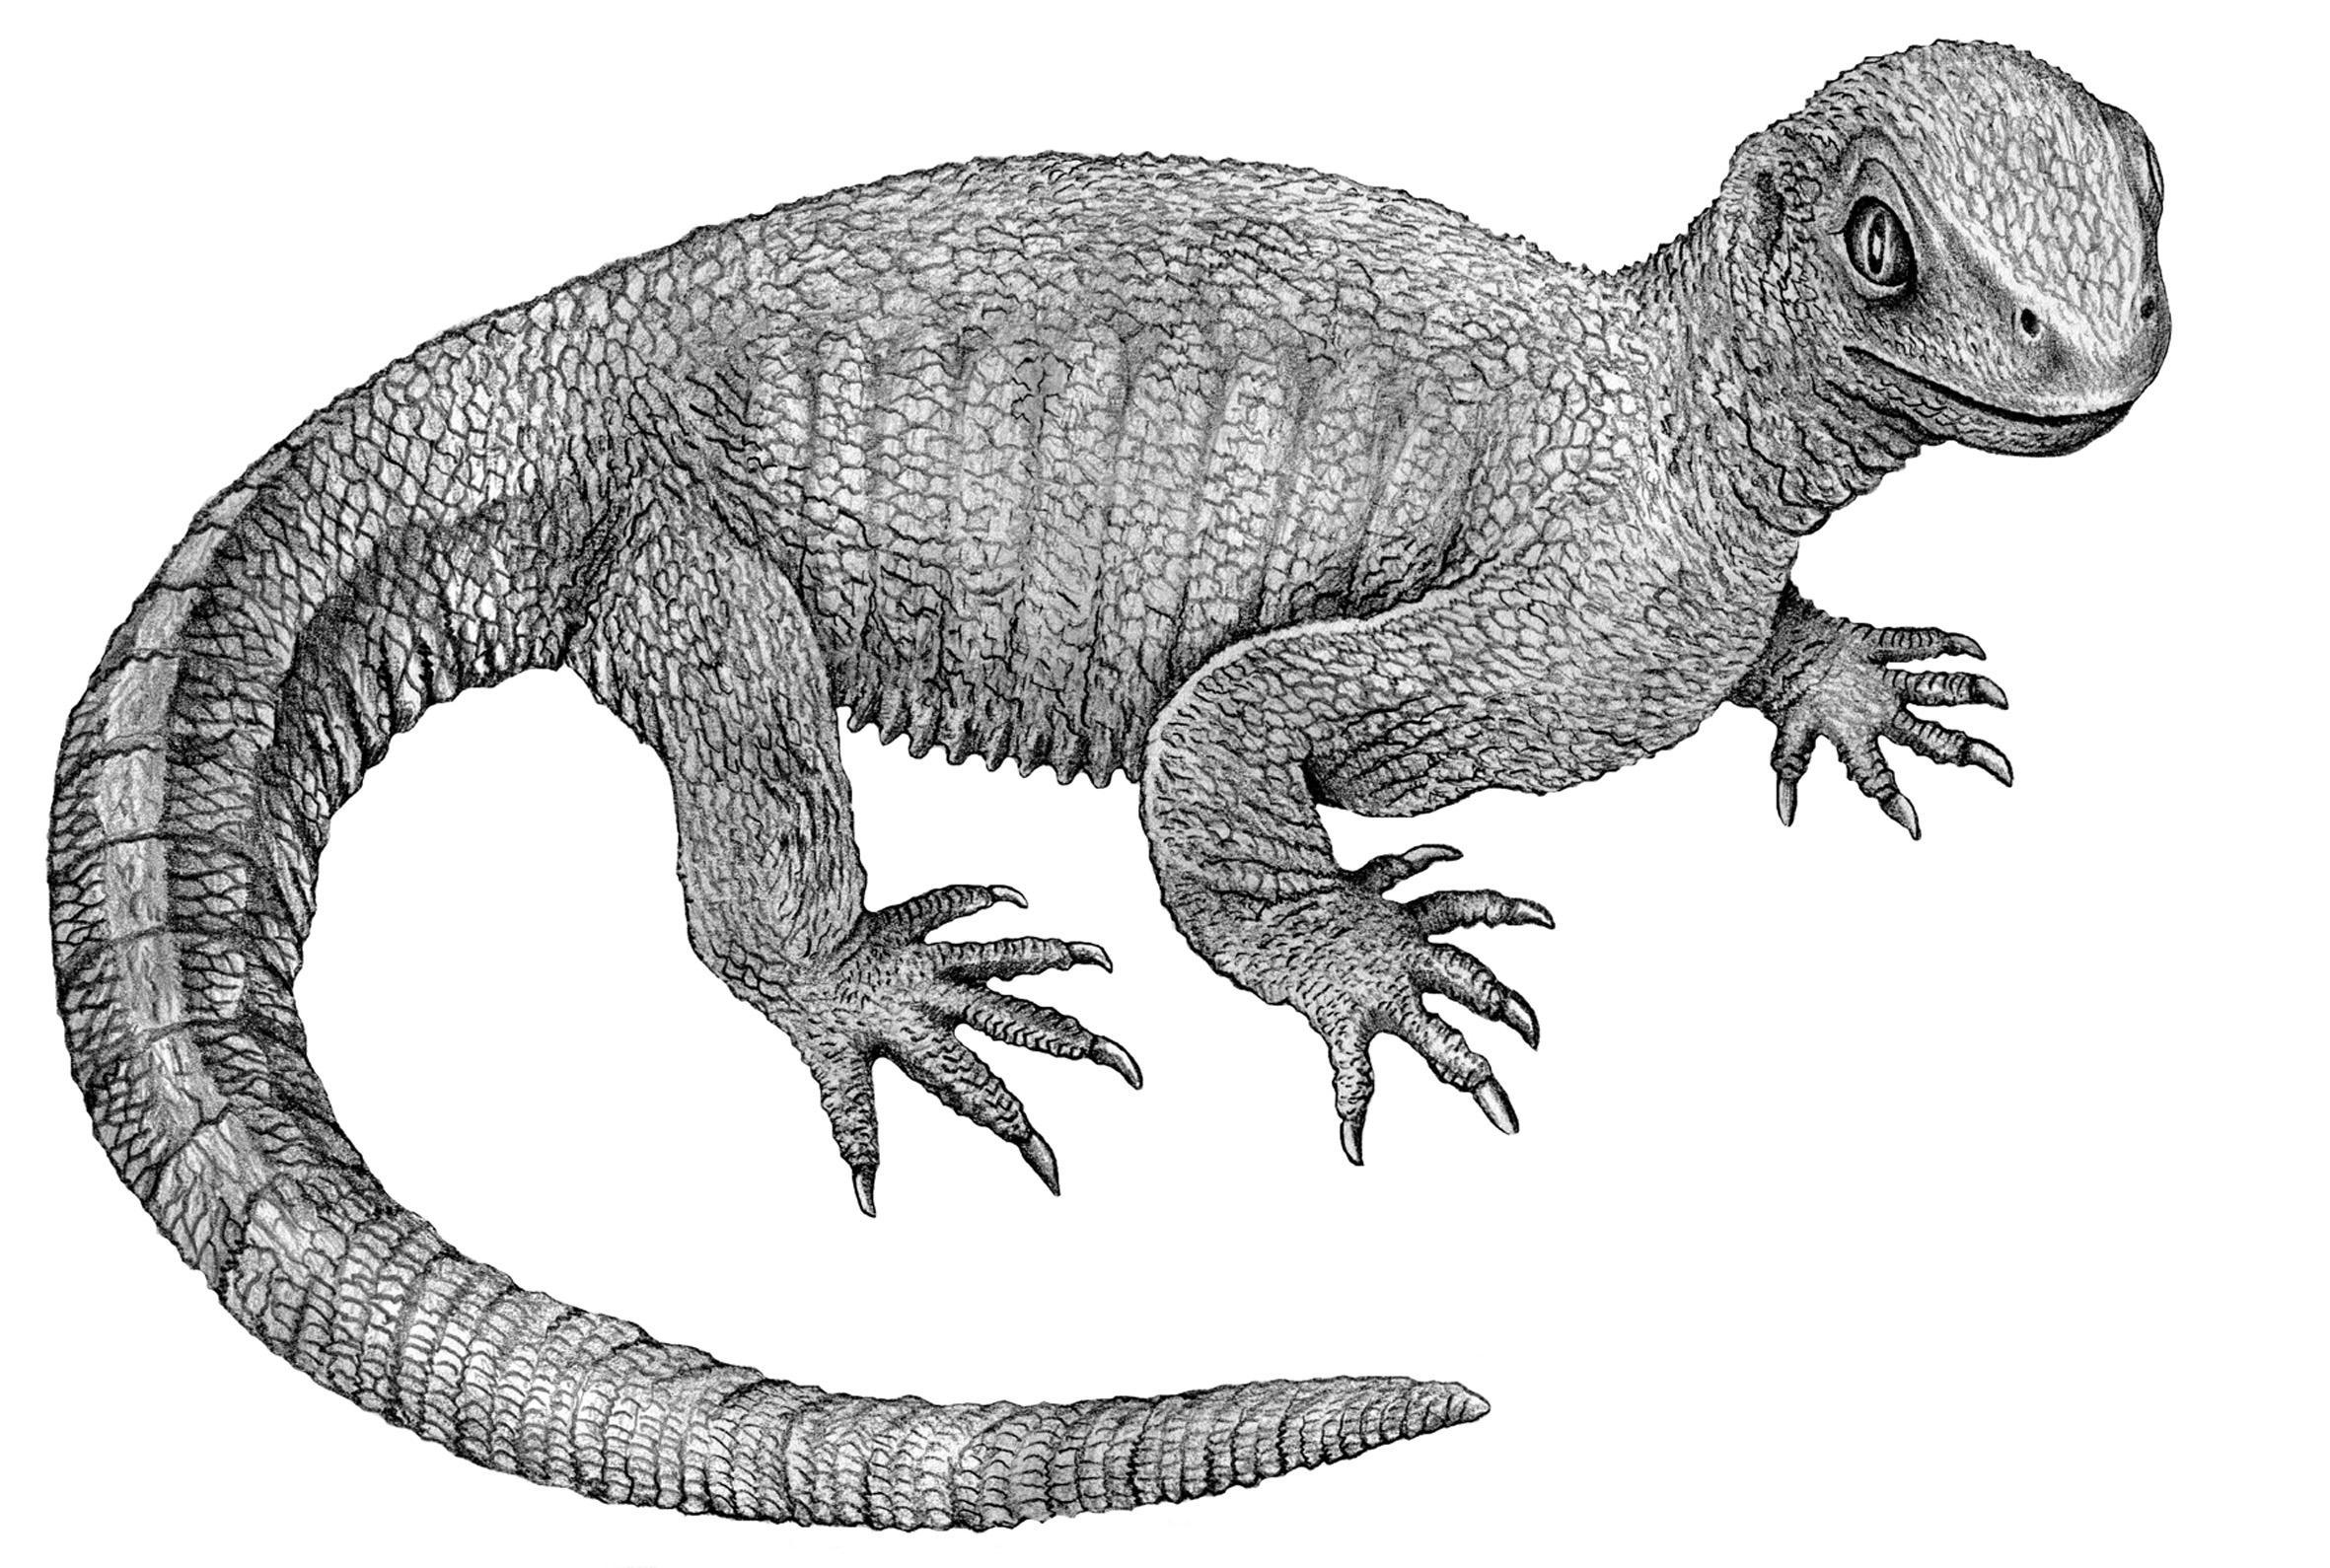 Палеонтологи описали остеосаркому у жившей 240 миллионов лет назад рептилии